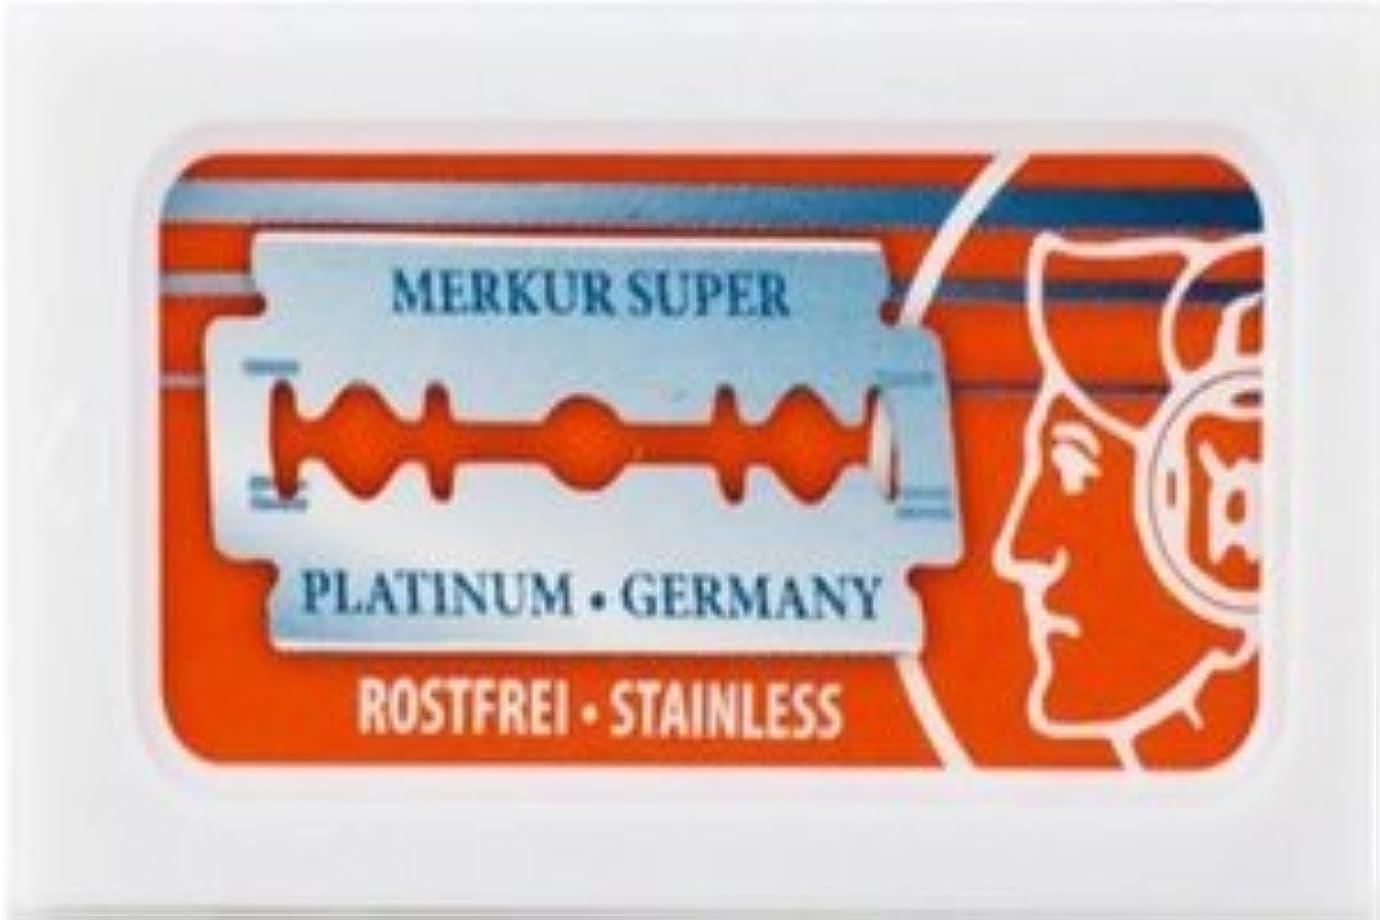 実質的挨拶鮮やかなMerkur Super Platinum 両刃替刃 10枚入り(10枚入り1 個セット)【並行輸入品】